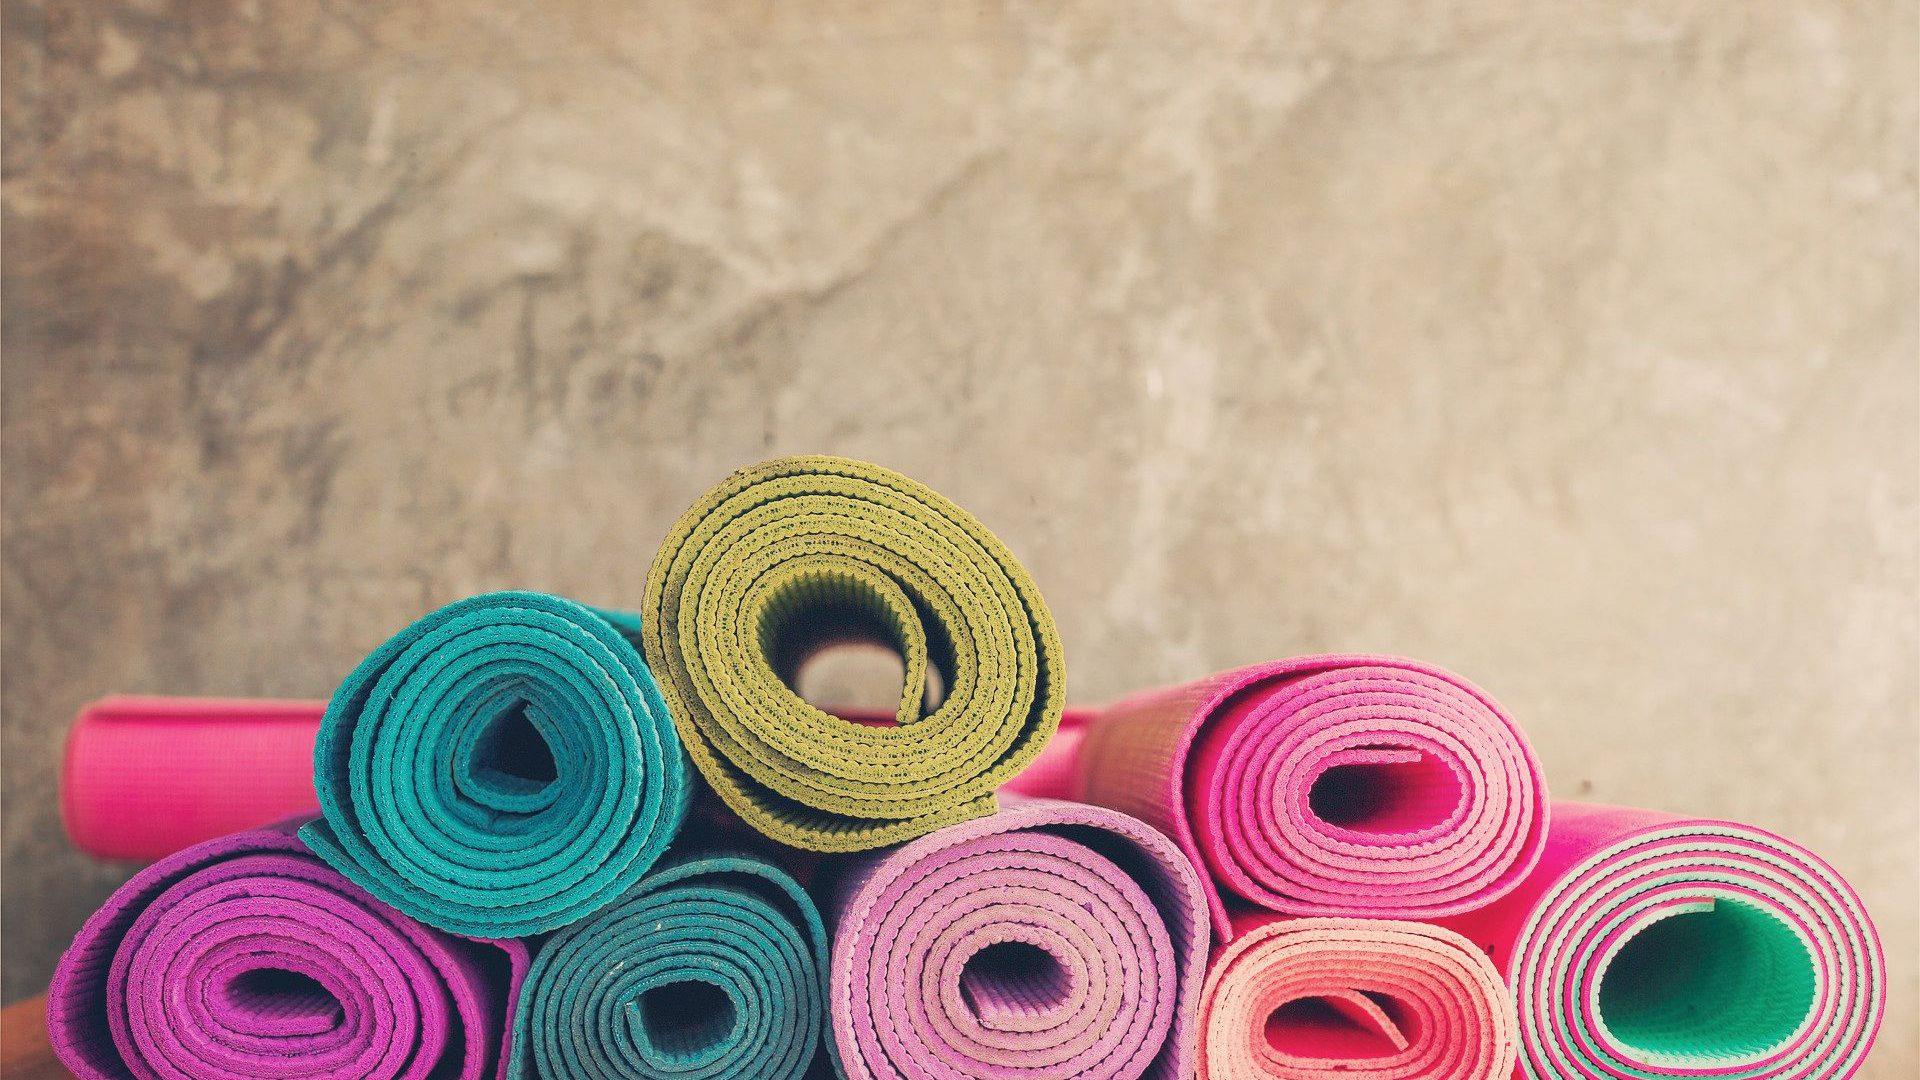 Zusammengerollte Yogamatten bunt